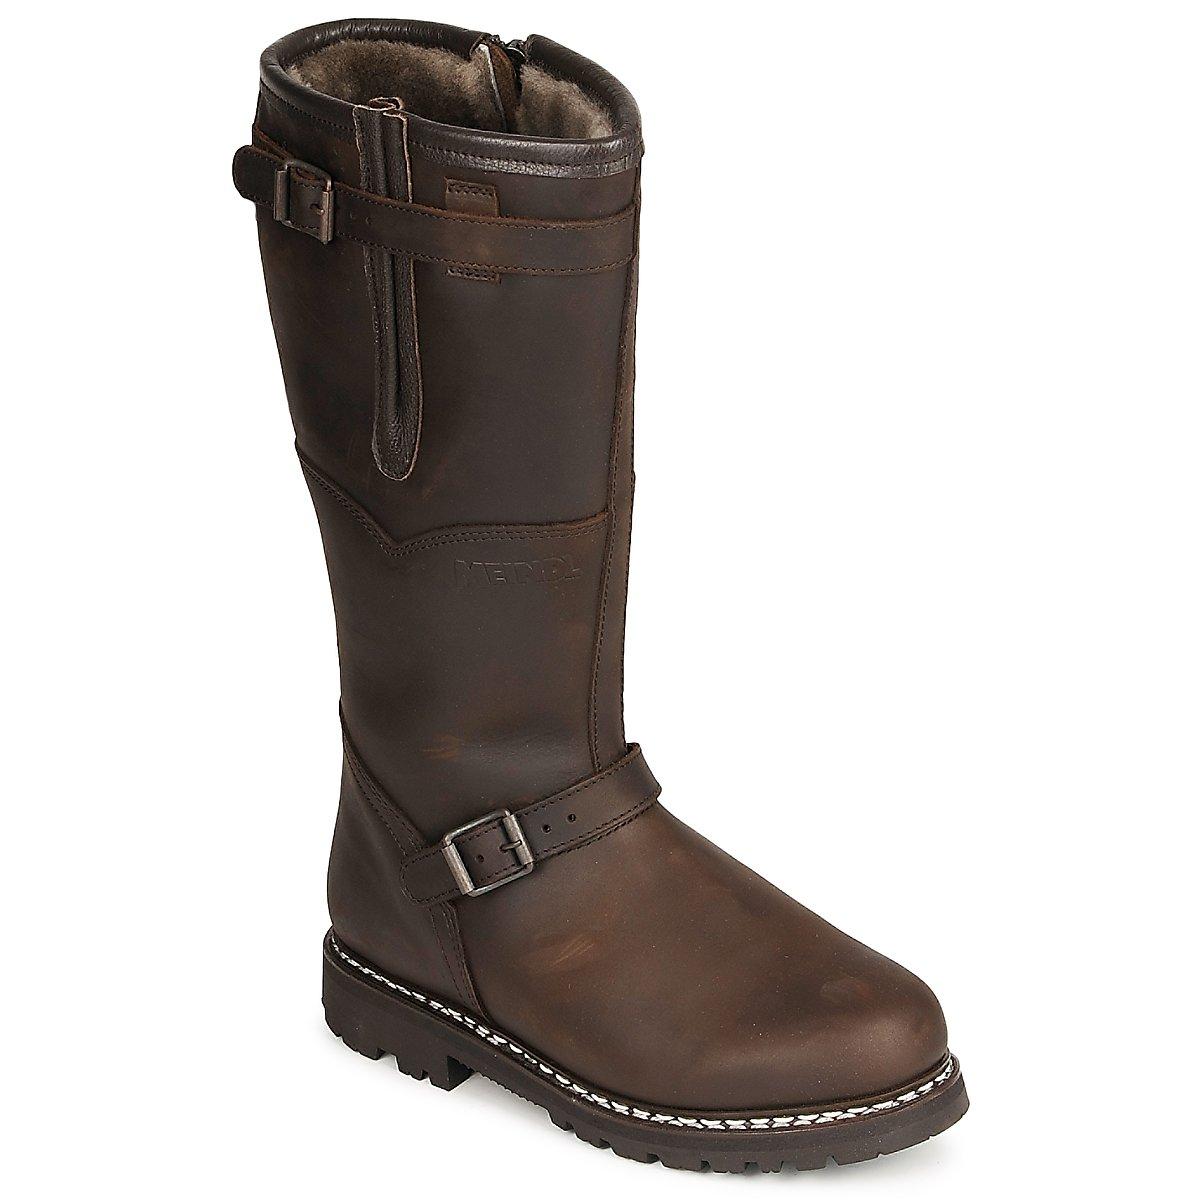 270952a9d85b MEINDL - Chaussures MEINDL - Livraison Gratuite avec Spartoo.com !